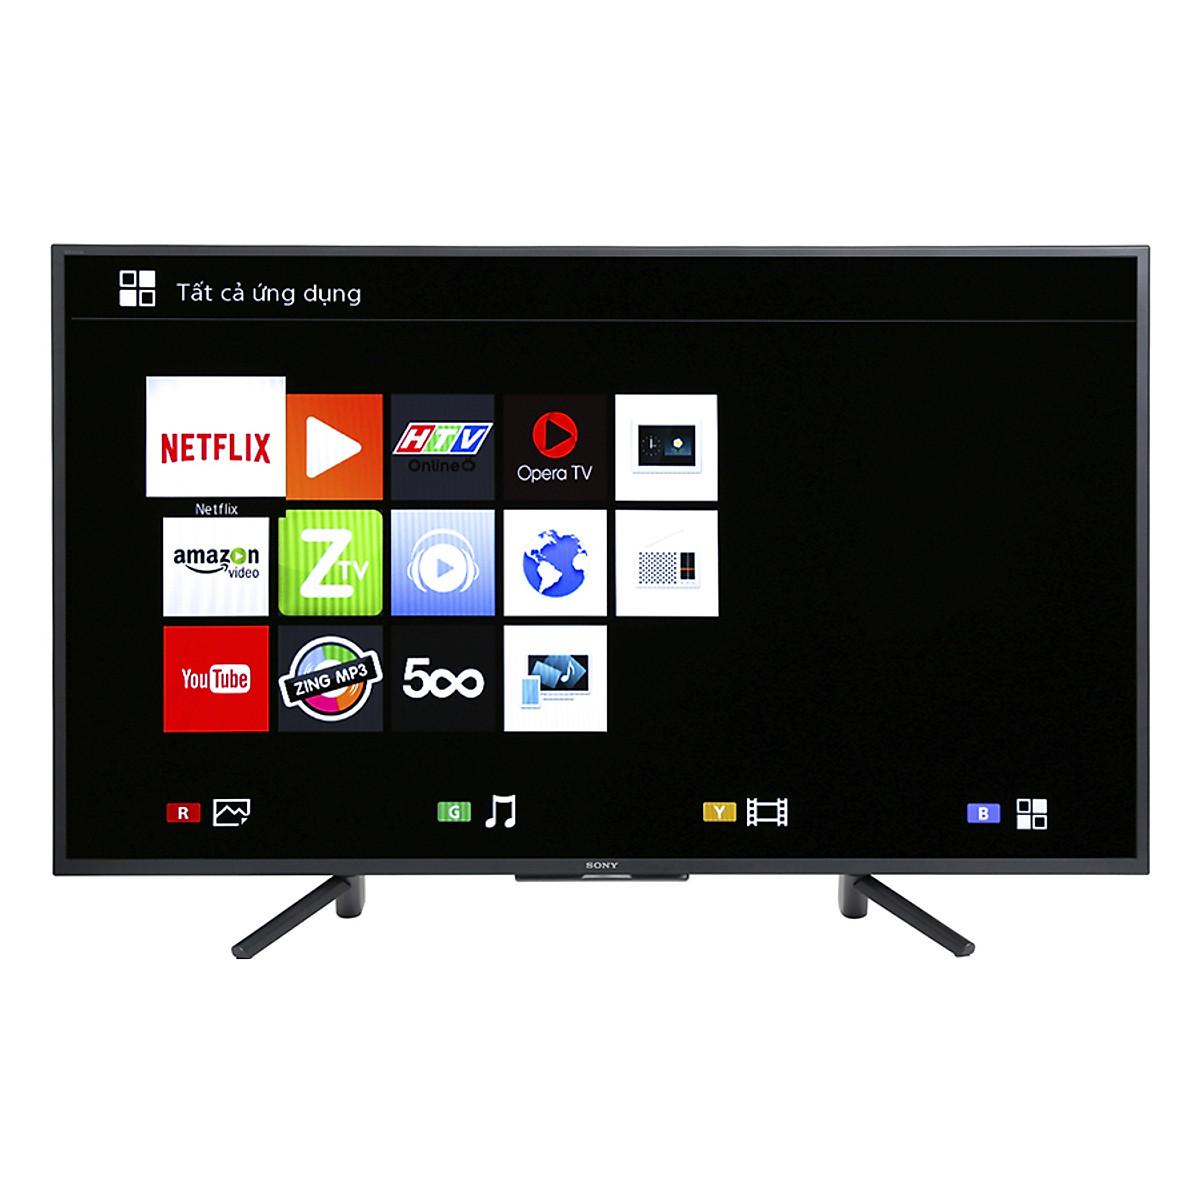 Tivi Sony Giá HOT - Các Model để bạn tham khảo - 1